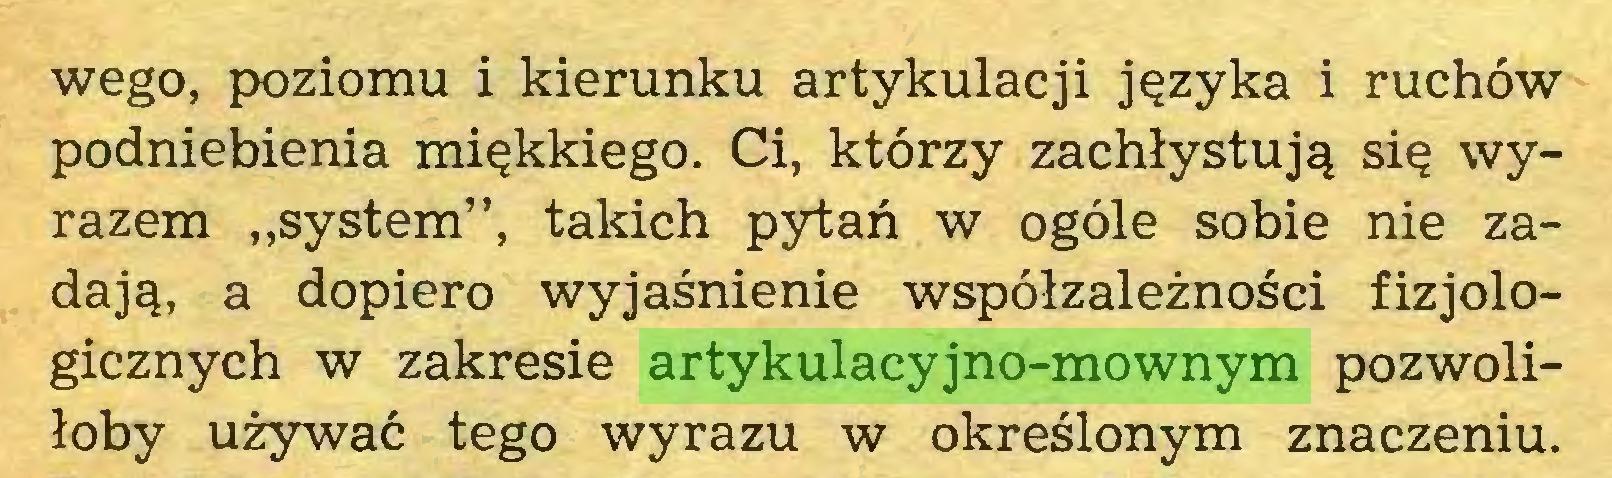 """(...) wego, poziomu i kierunku artykulacji języka i ruchów podniebienia miękkiego. Ci, którzy zachłystują się wyrazem """"system"""", takich pytań w ogóle sobie nie zadają, a dopiero wyjaśnienie współzależności fizjologicznych w zakresie artykulacyjno-mownym pozwoliłoby używać tego wyrazu w określonym znaczeniu..."""